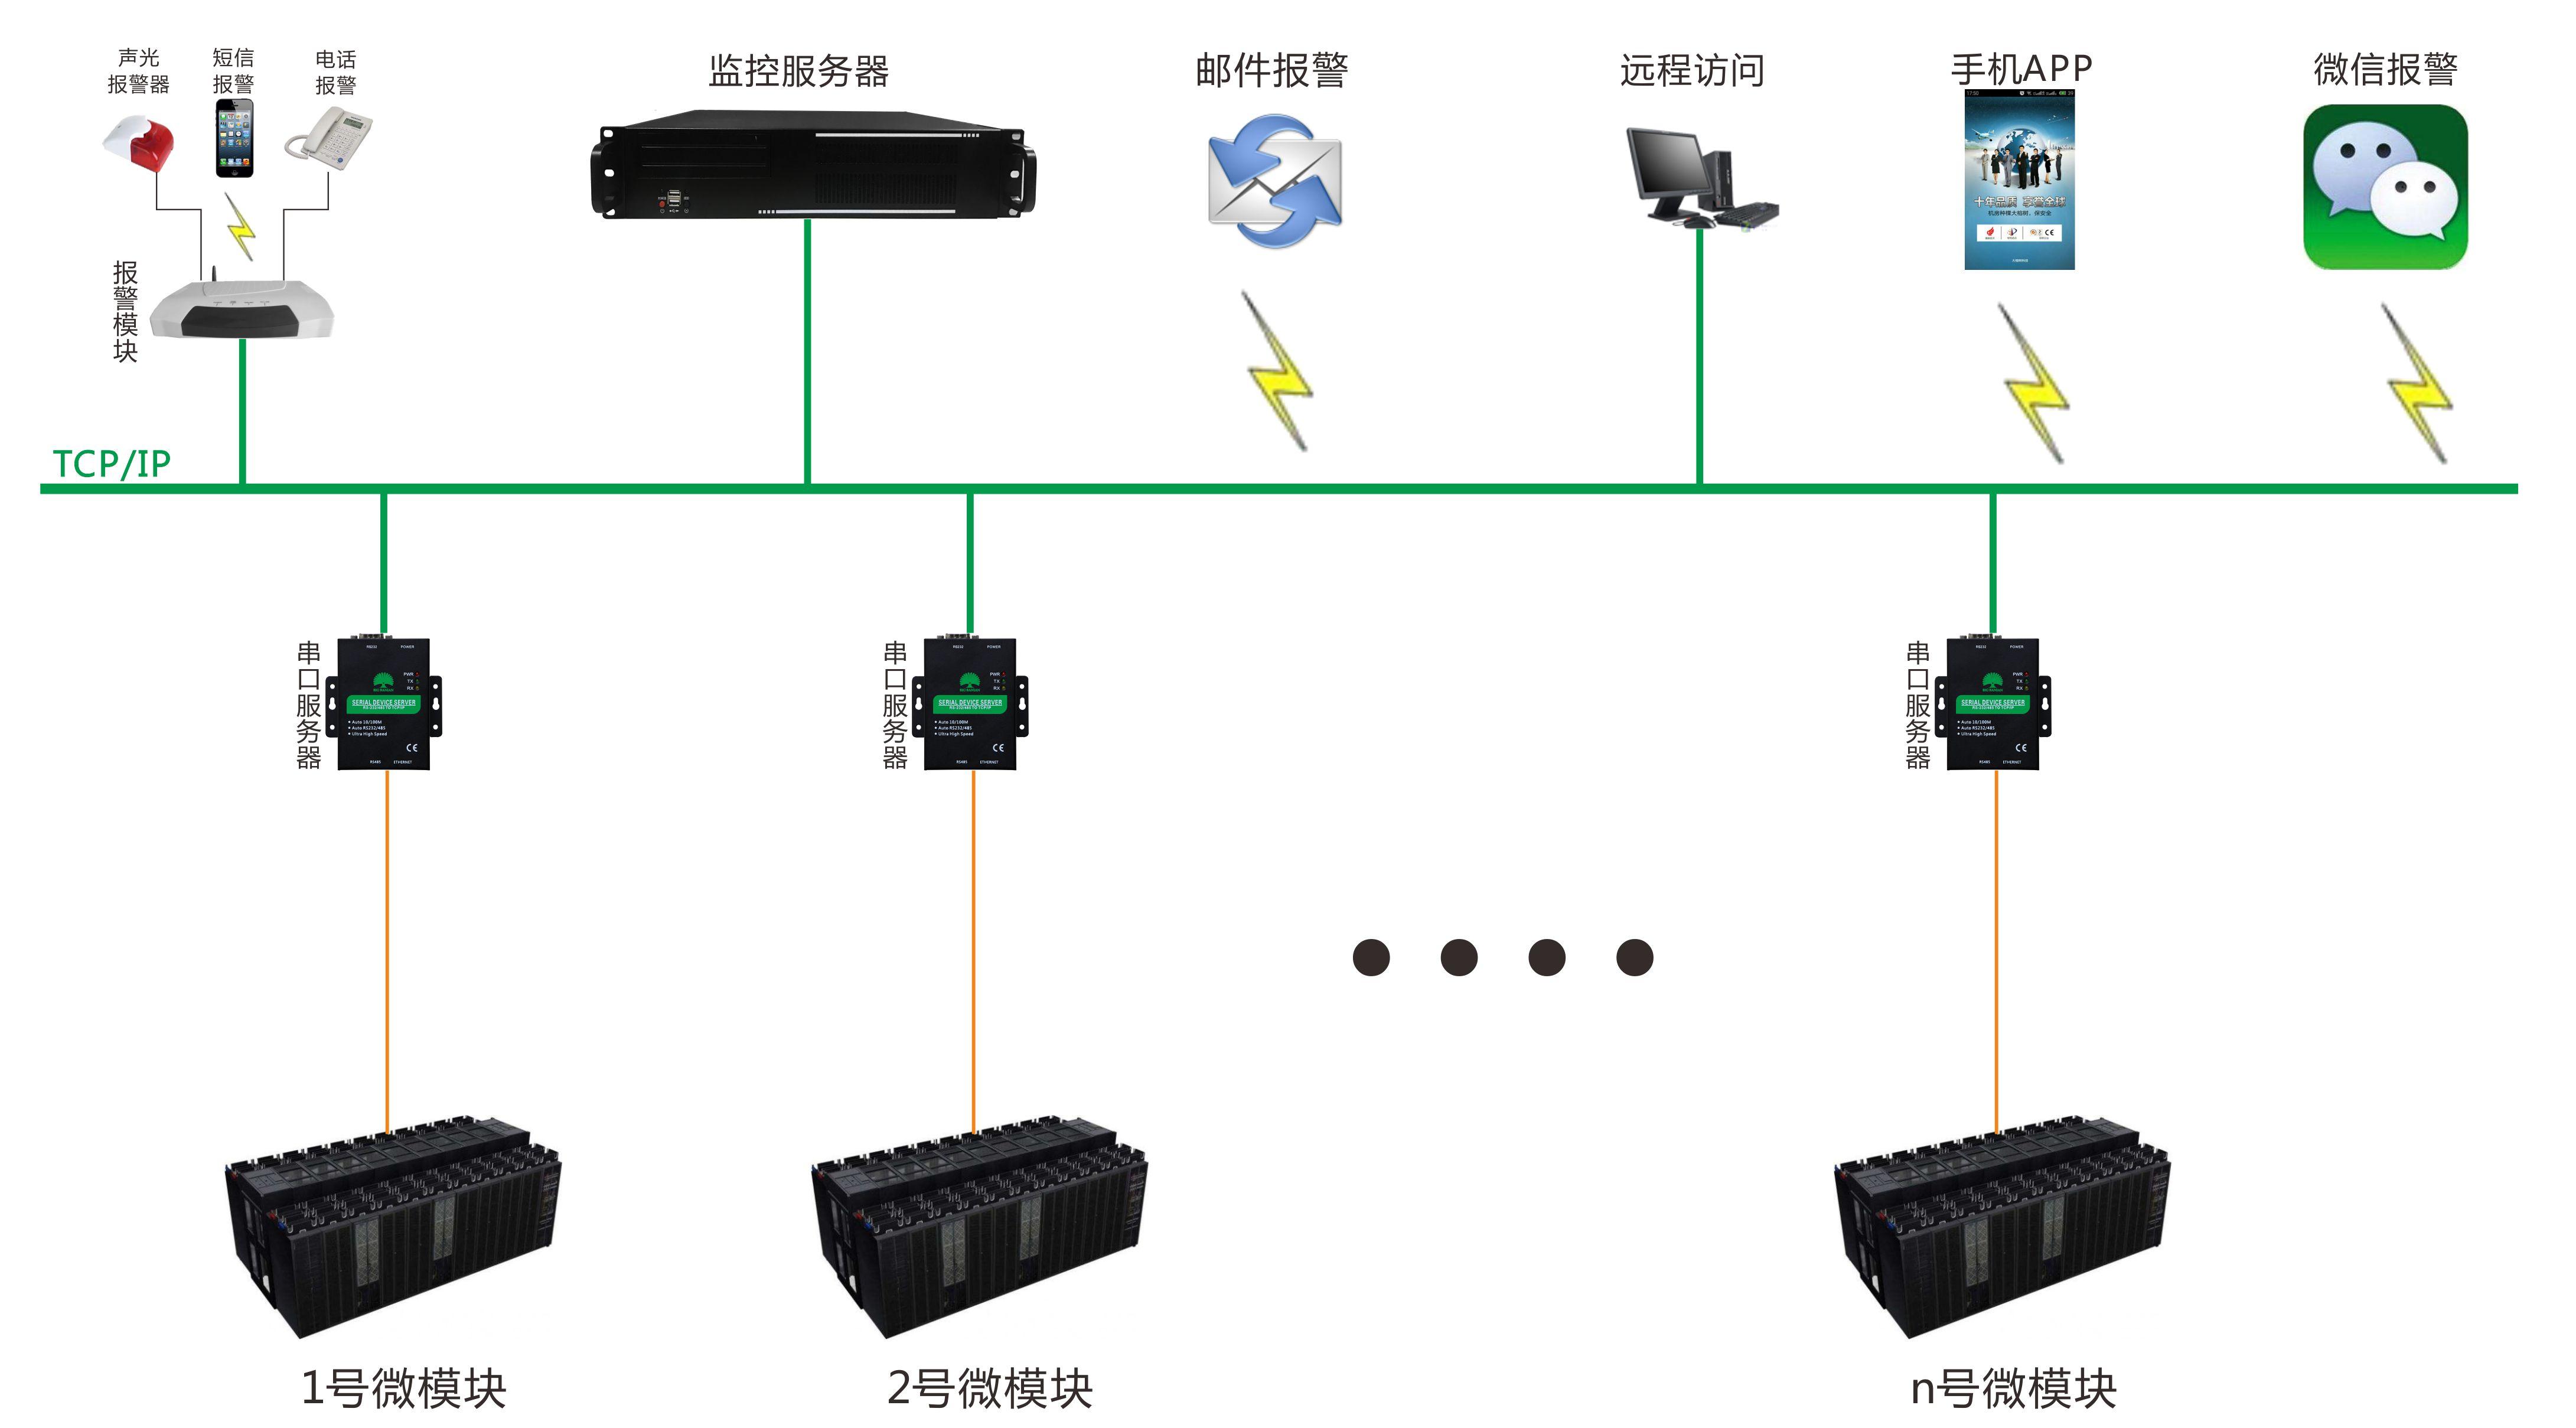 多模块系统图